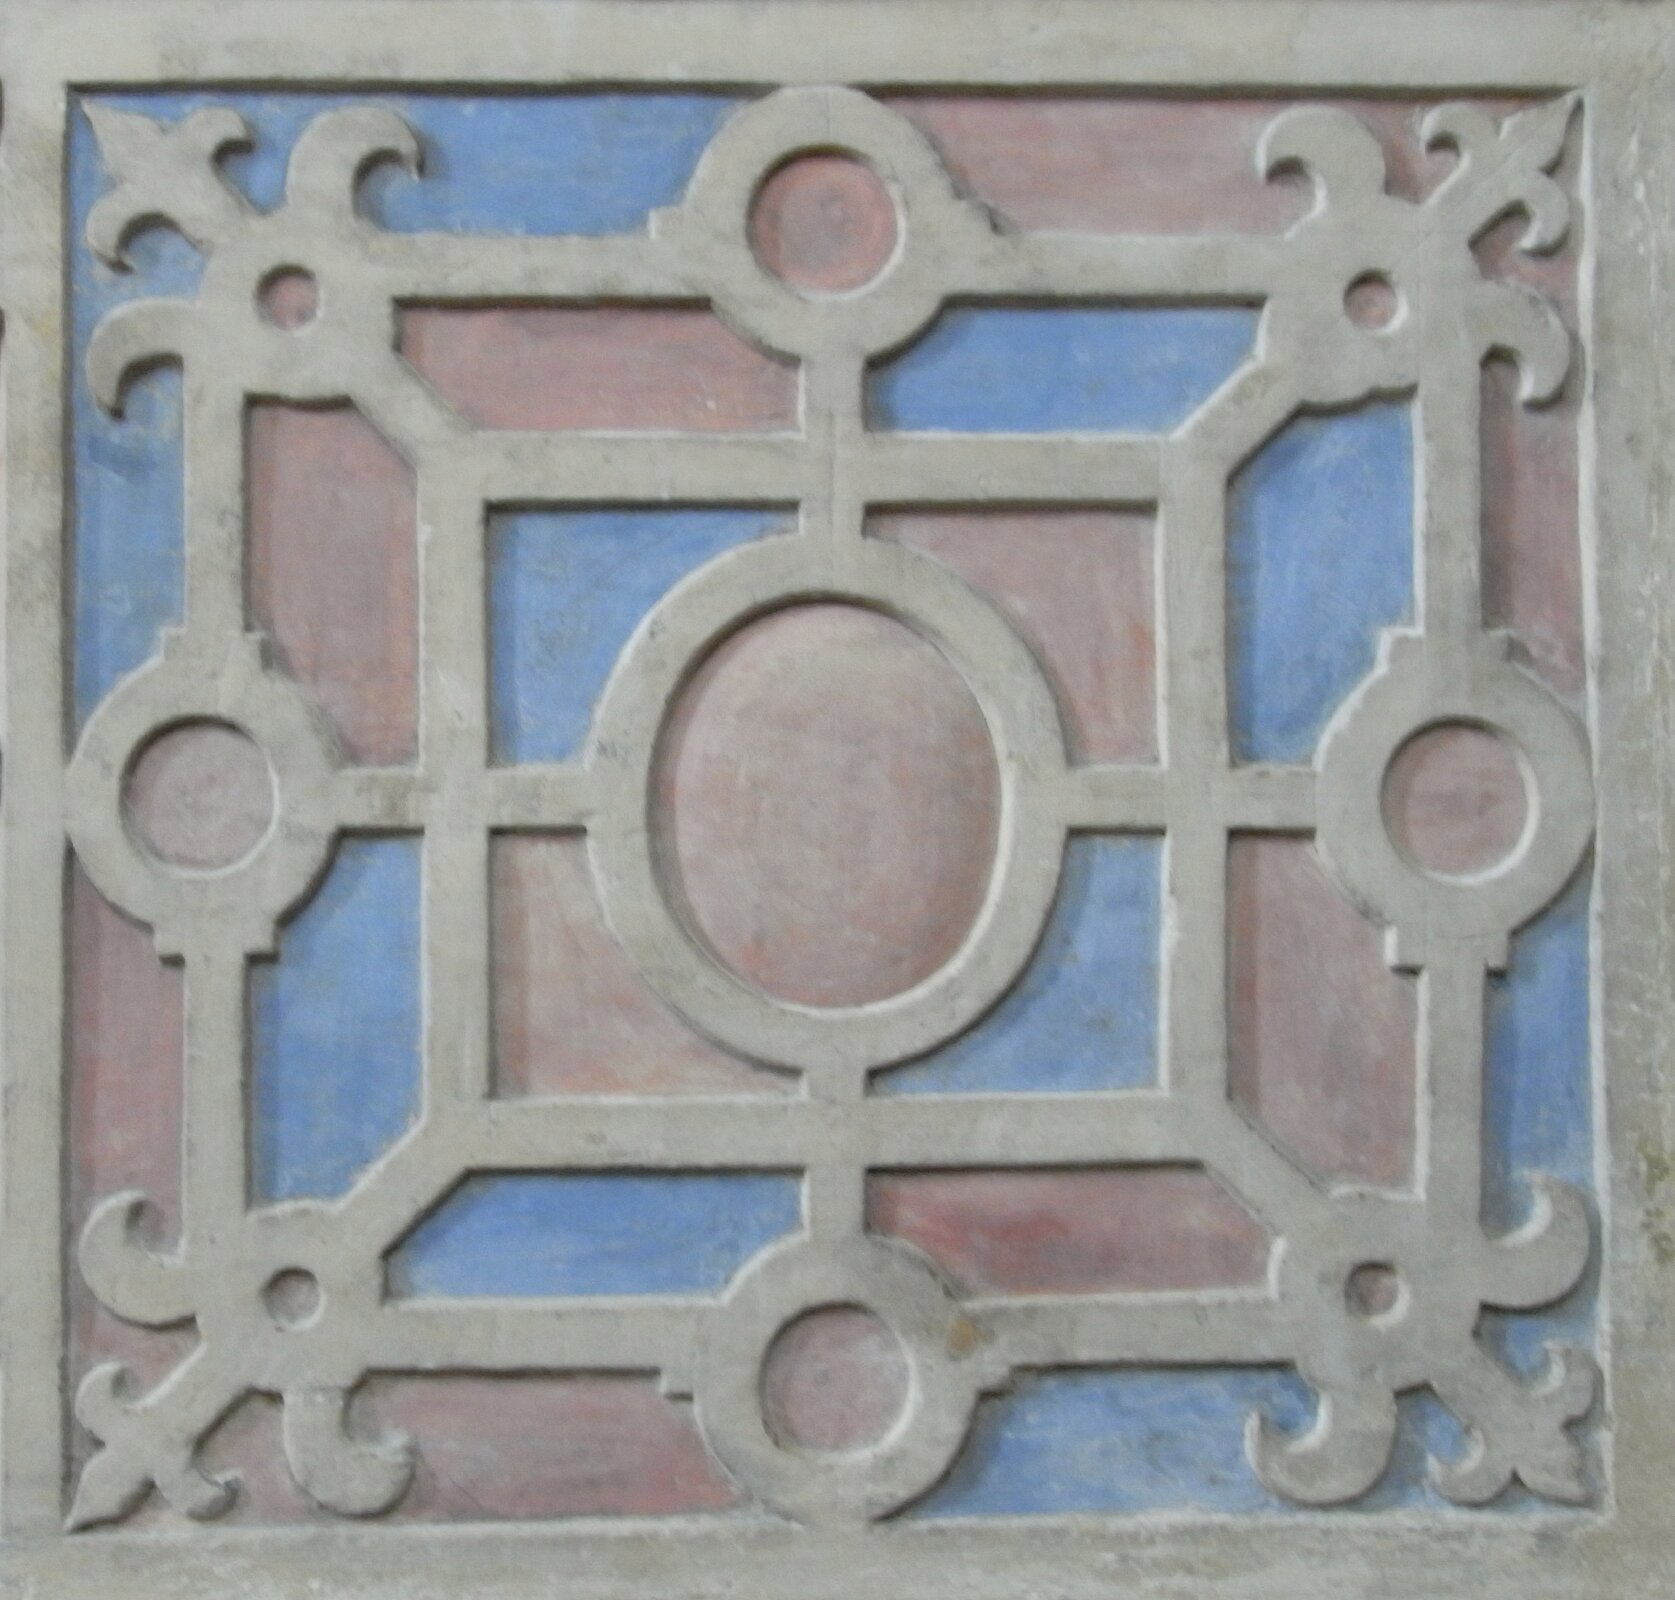 Ilustracja przedstawia ornament okuciowy. Ornament wykonany jest wkształcie kwadratu. Wjego centralnym punkcie znajduje się okrąg. Dookoła niego naprzemiennie widoczne są okręgi oraz krzyże zzaokrąglonymi końcami. Wszystkie elementy połączone się liniami.